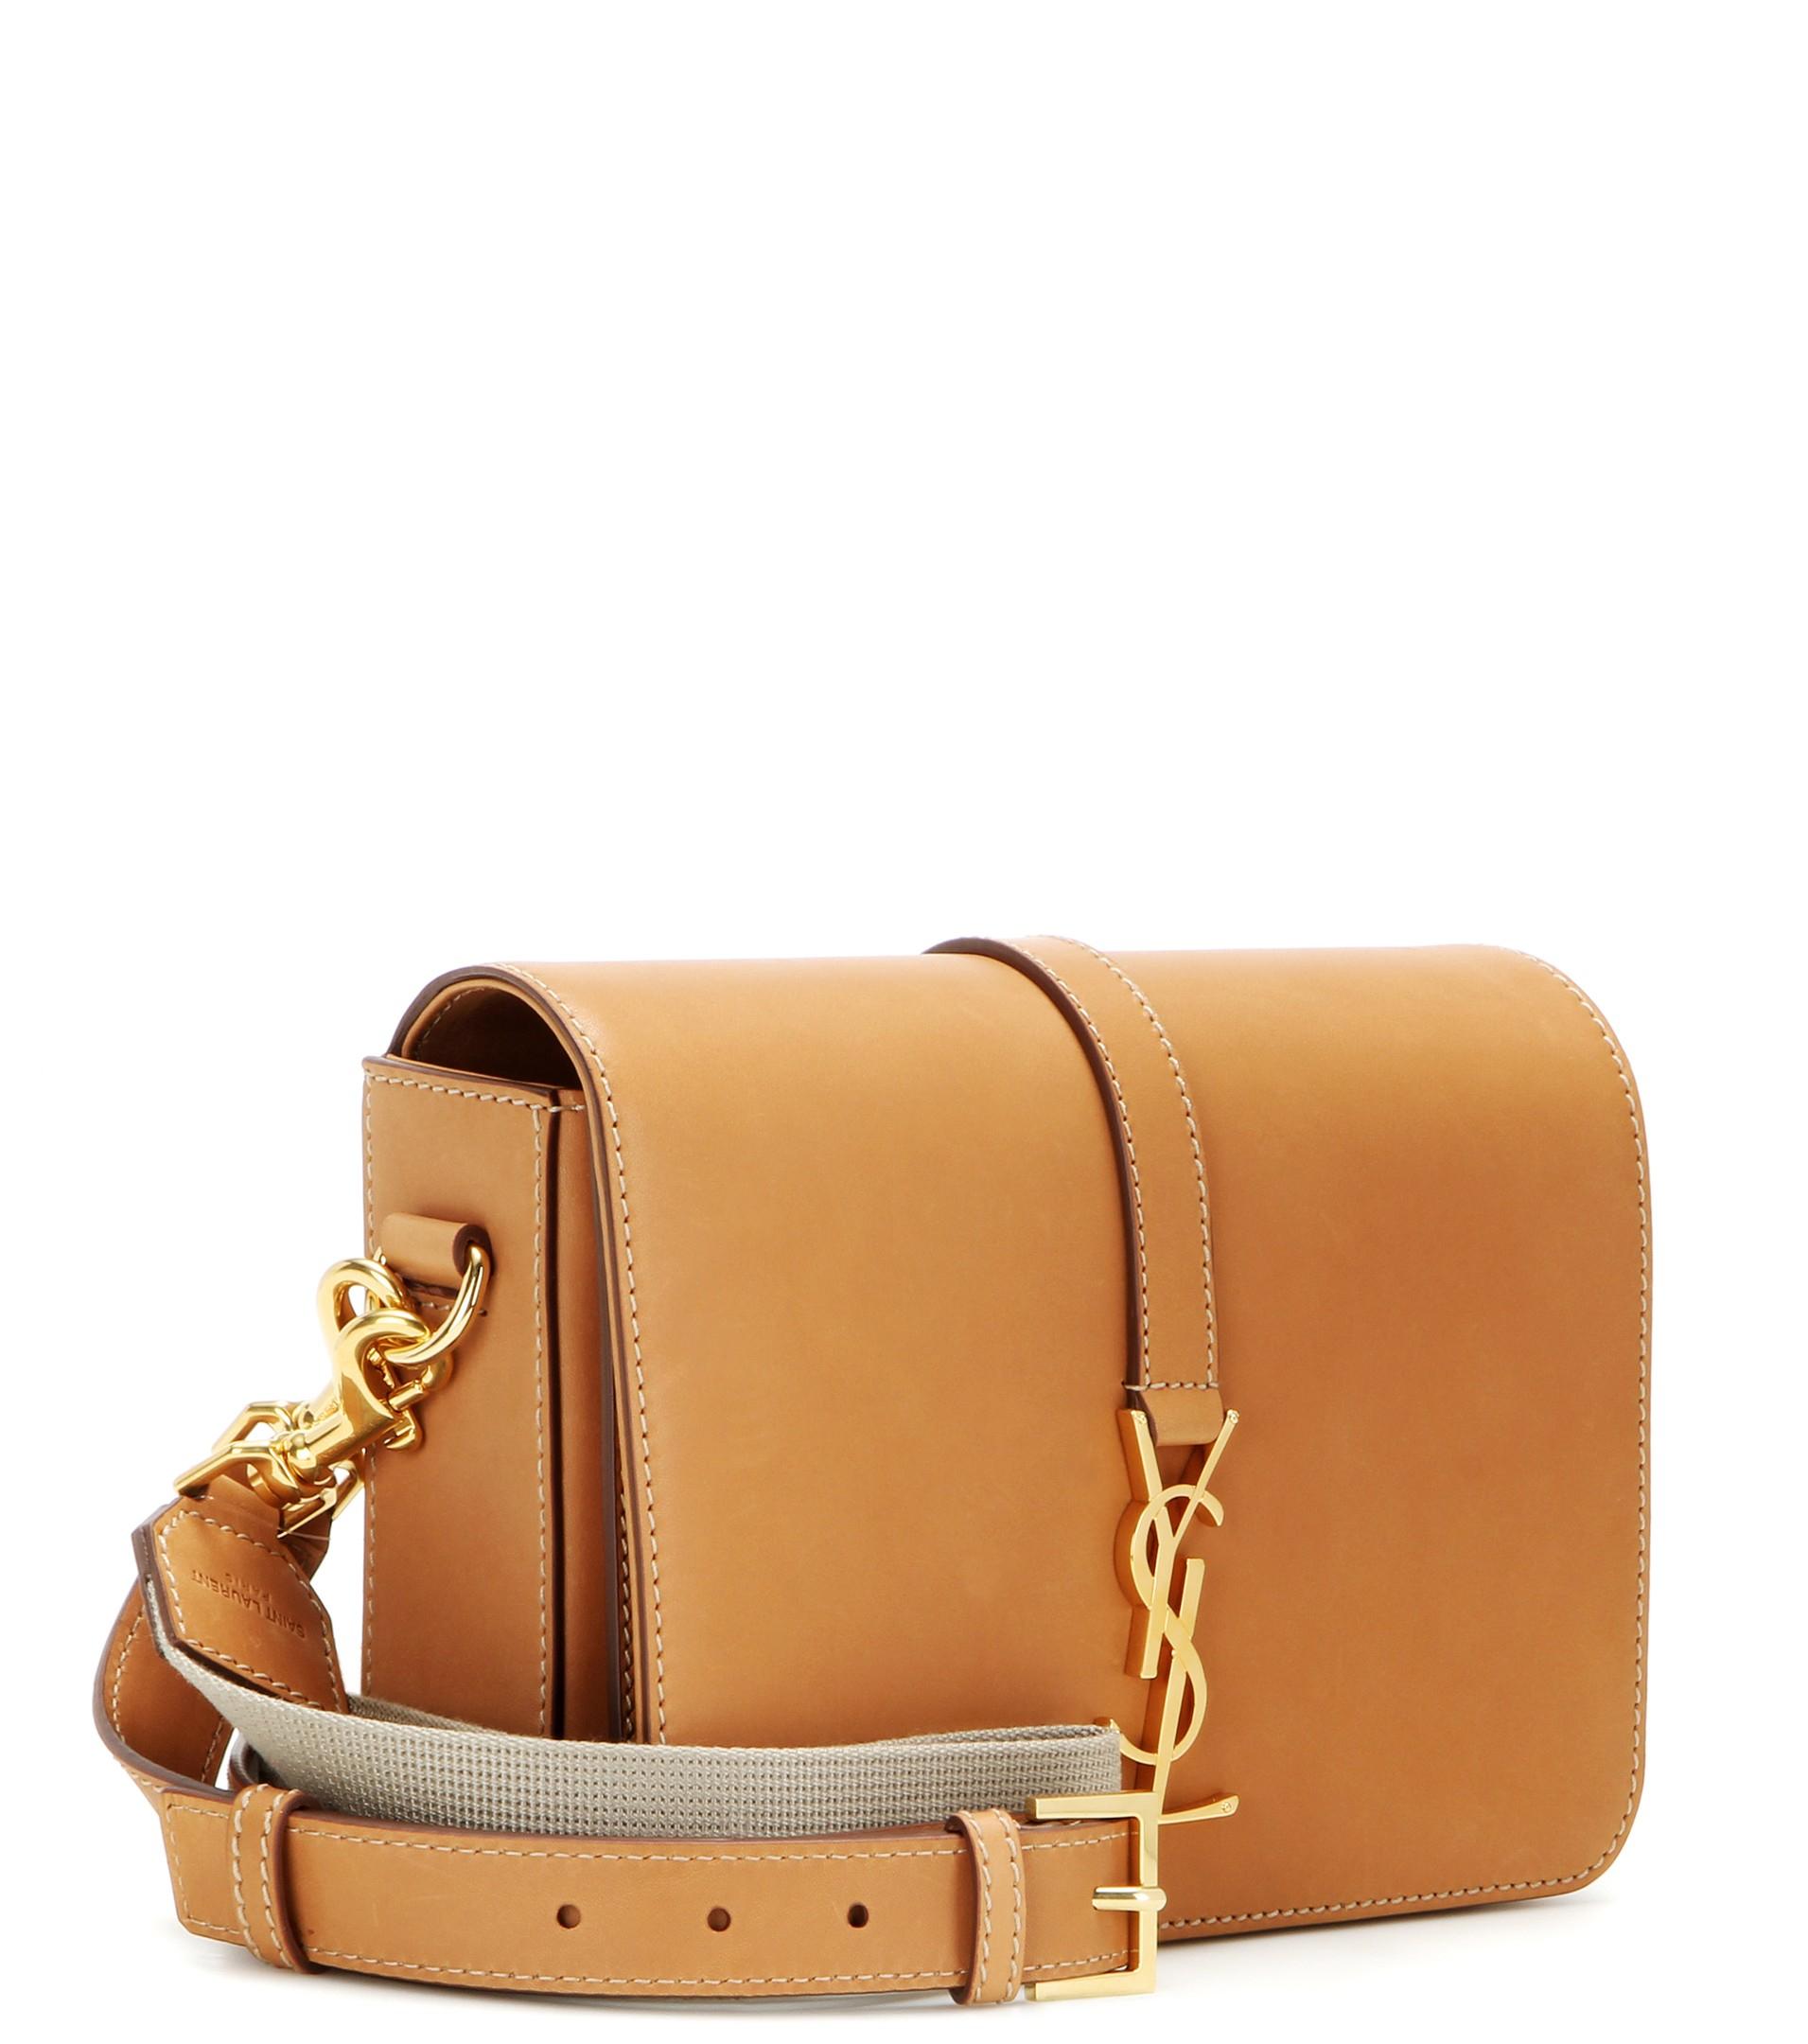 94a7c7e452 Lyst - Saint Laurent Monogram Université Medium Leather Shoulder Bag ...